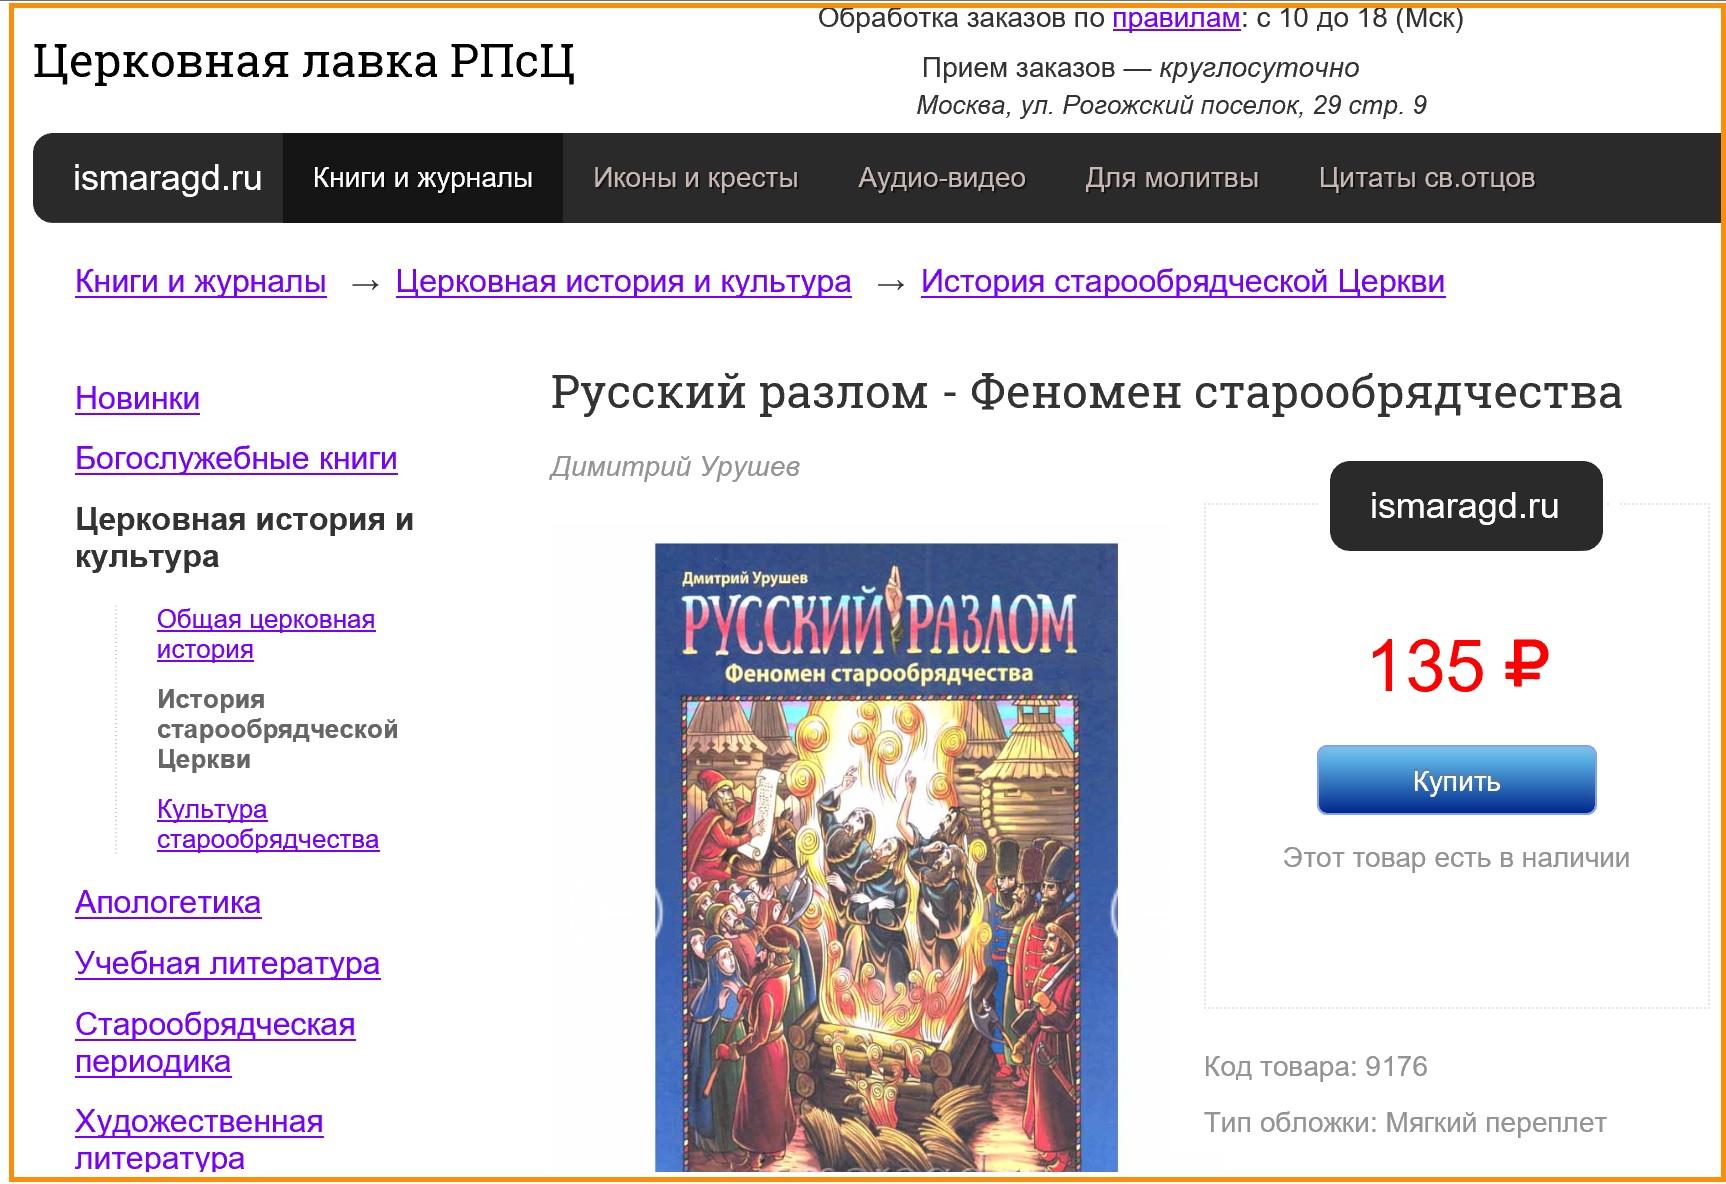 Исмарагд, интернет-магазин, Урушев, история старообрядчества, РПСЦ, революция